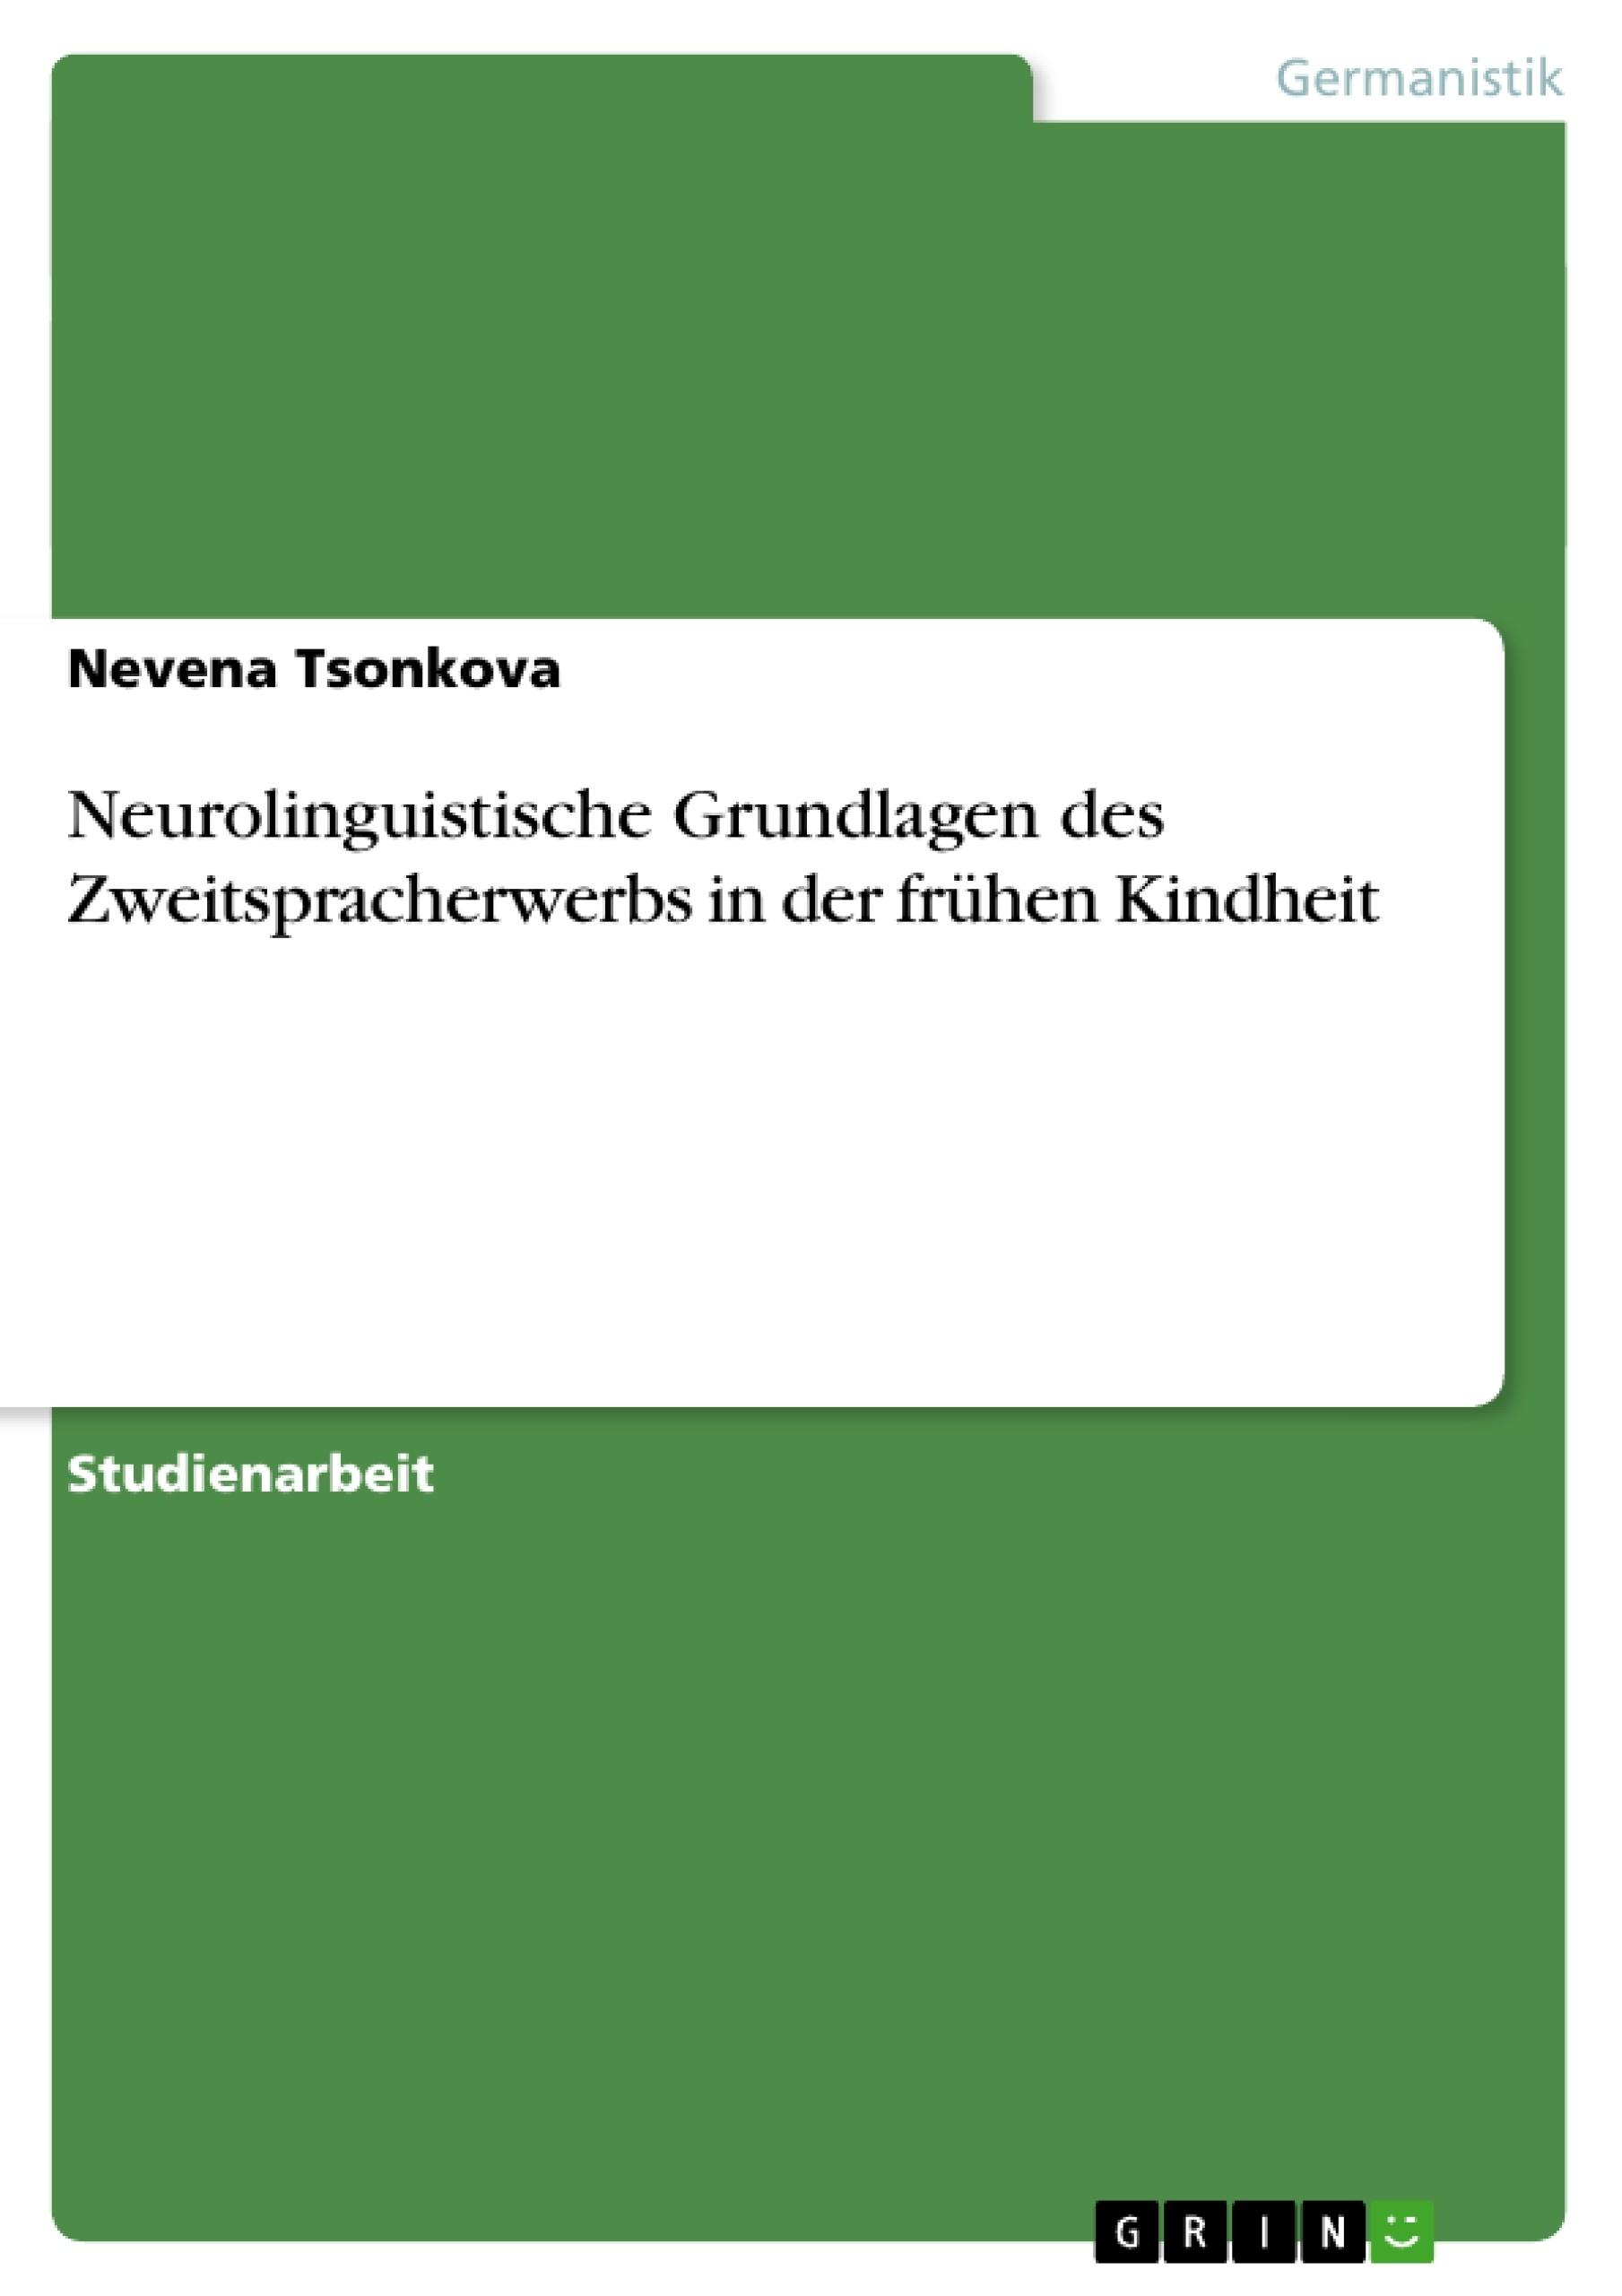 Titel: Neurolinguistische Grundlagen des Zweitspracherwerbs in der frühen Kindheit